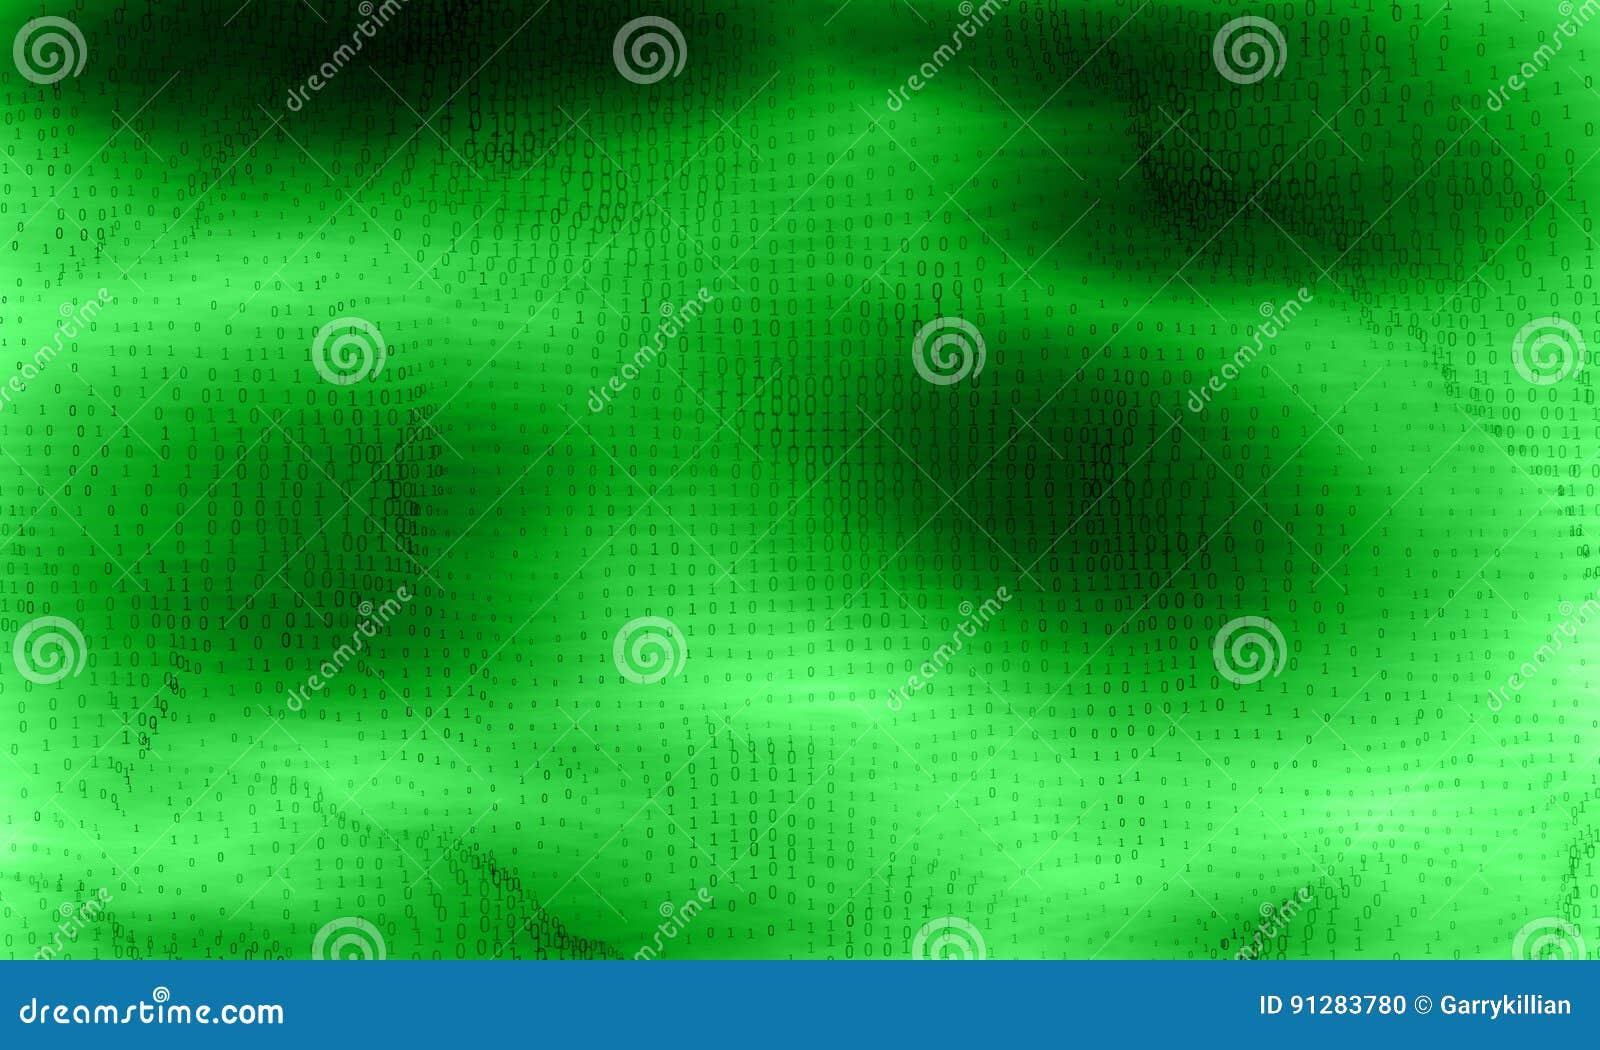 Abstrakt stor datavisualization för vektor Grönt glödande dataflöde som binära nummer Framställning för datorkod